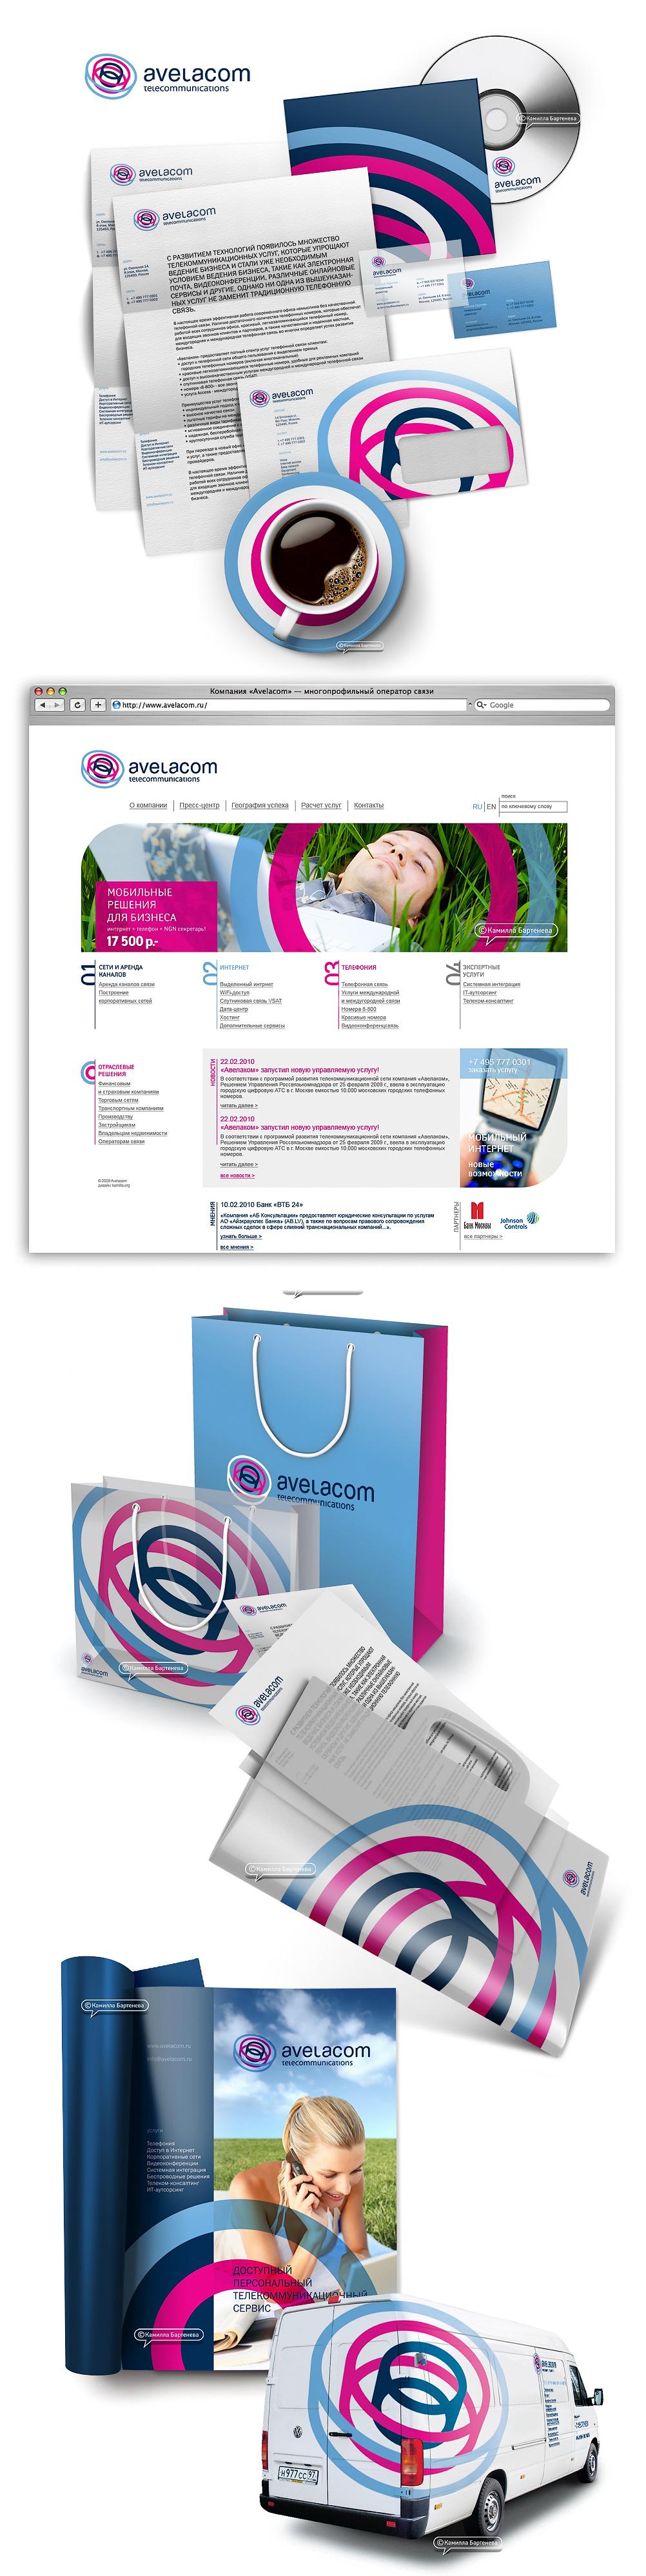 Avelacom телекоммуникационная компания